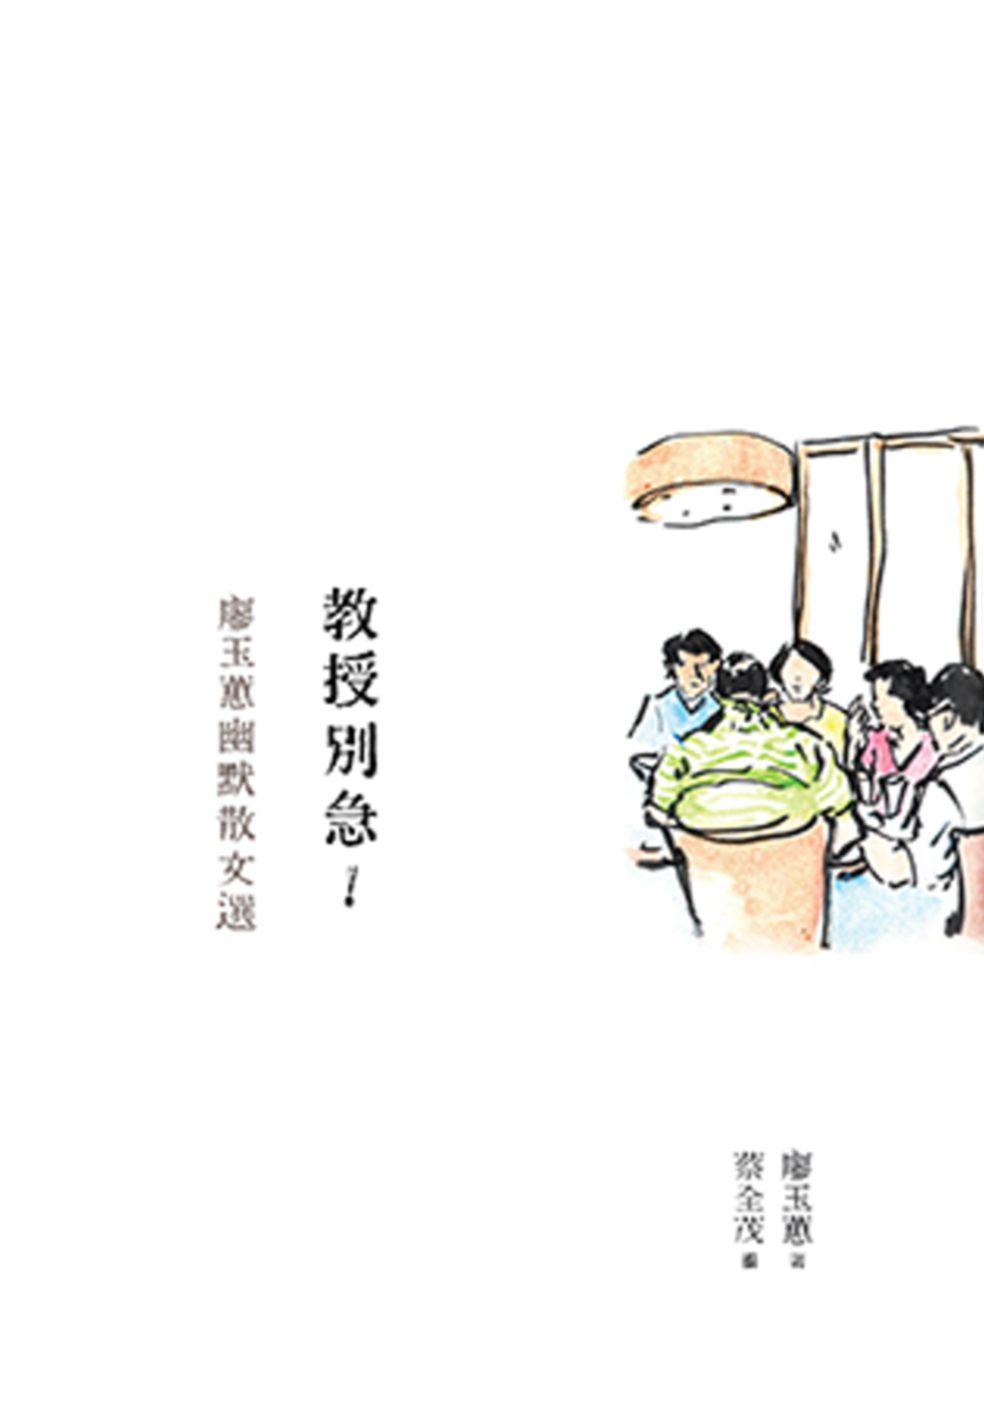 教授別急!:廖玉蕙幽默散文選